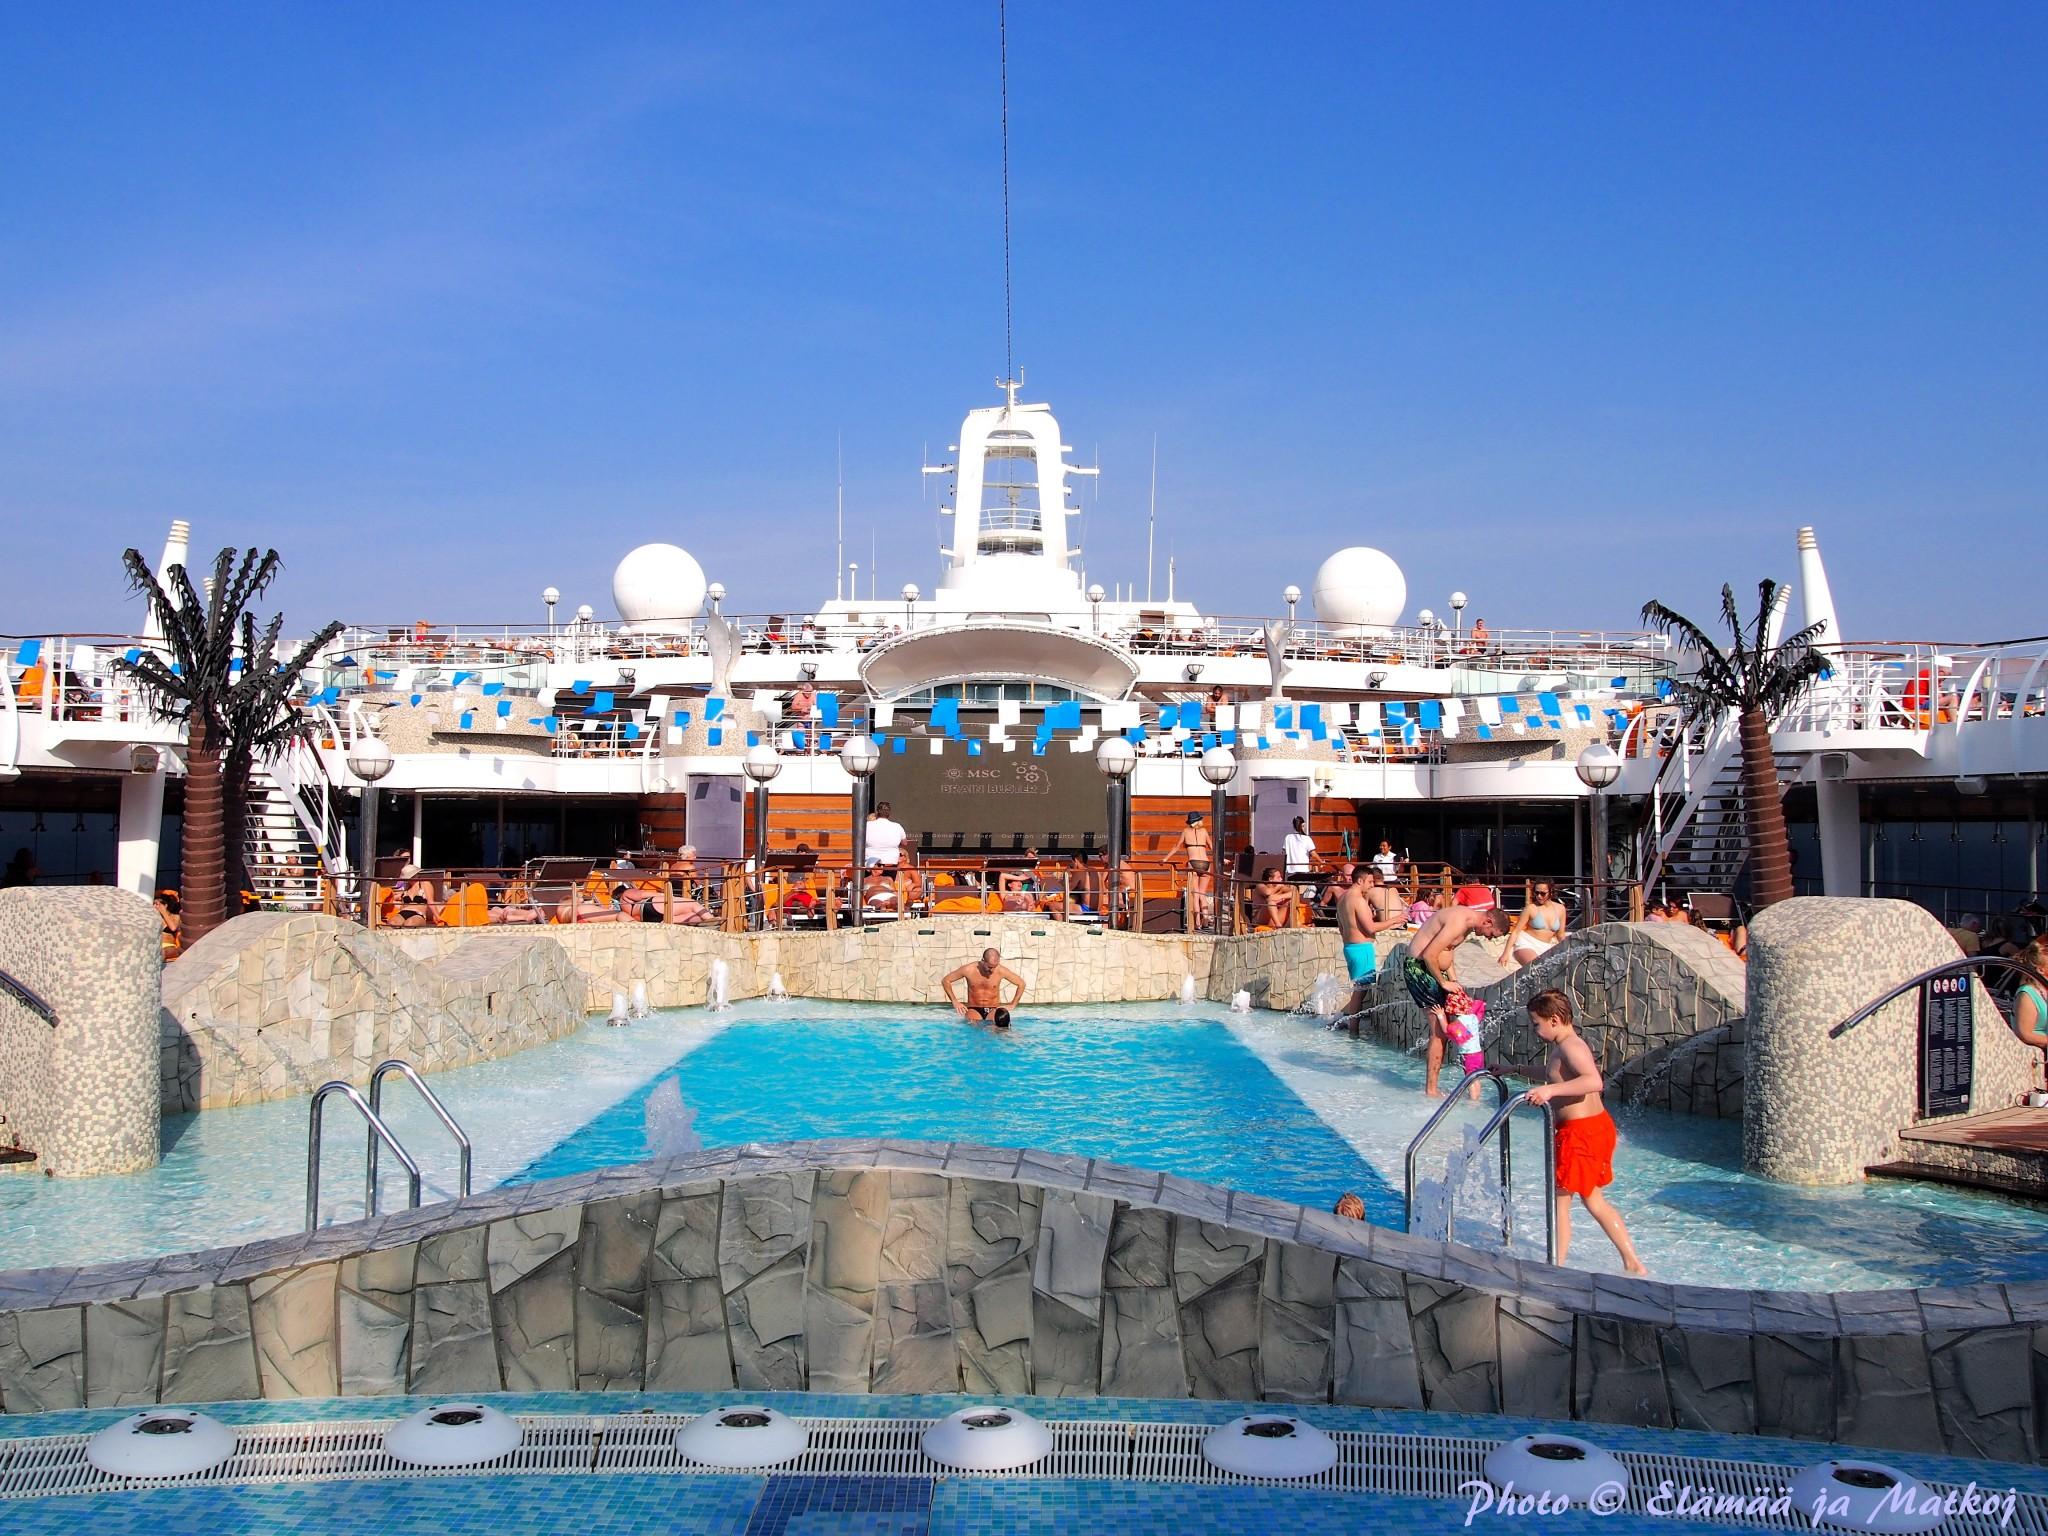 MSC Fantasia pool area Photo © Elämää ja Matkoja